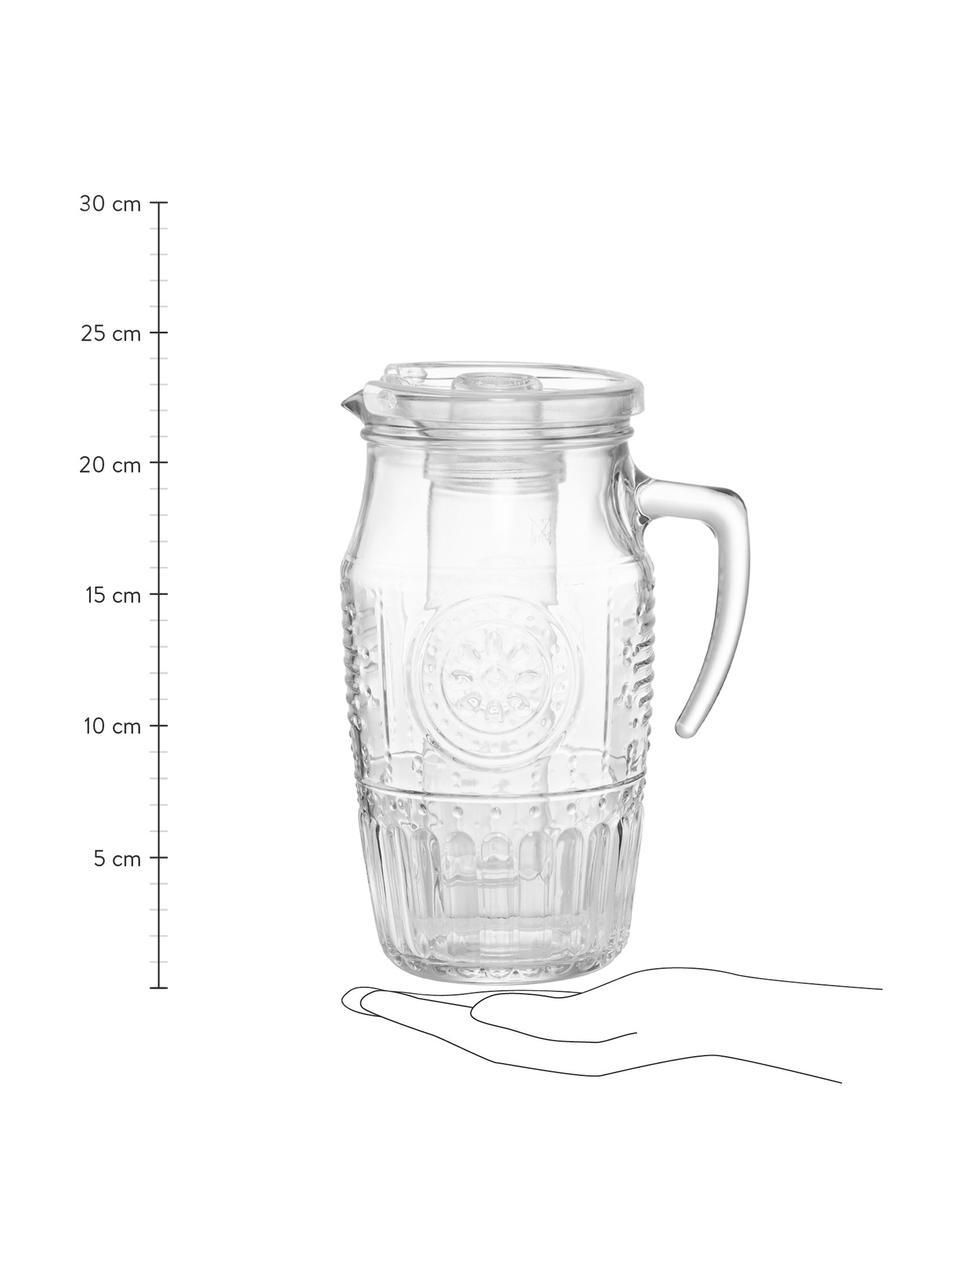 Krug Freezy mit Eiseinsatz und Relief, 1.8 L, Transparent, H 24 cm